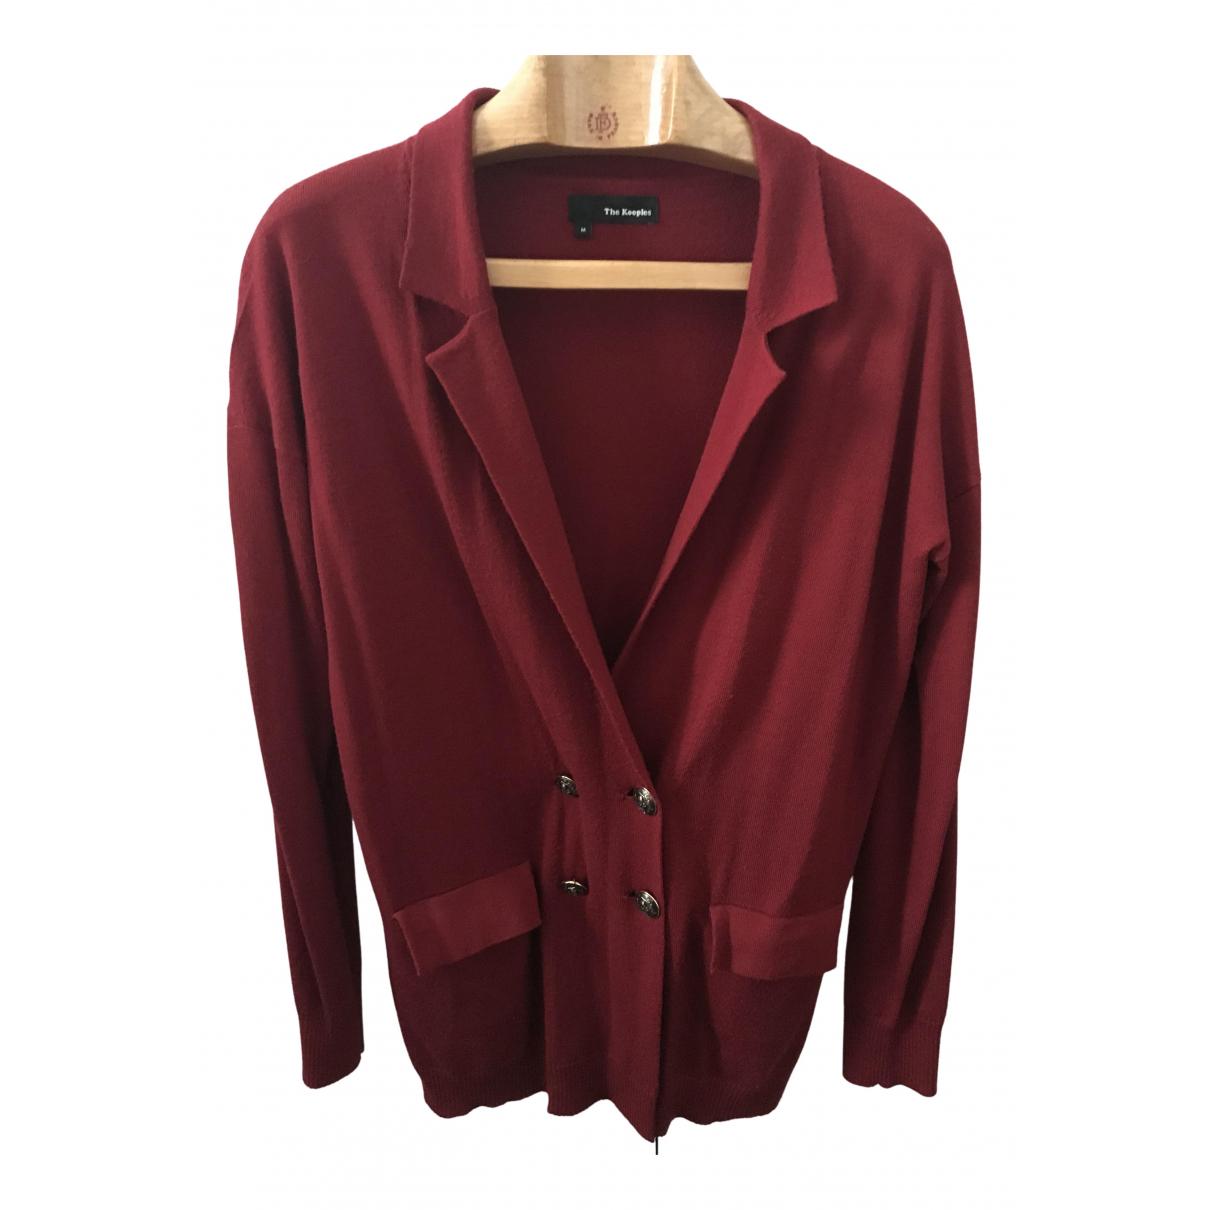 The Kooples N Red Wool Knitwear for Women 38 FR